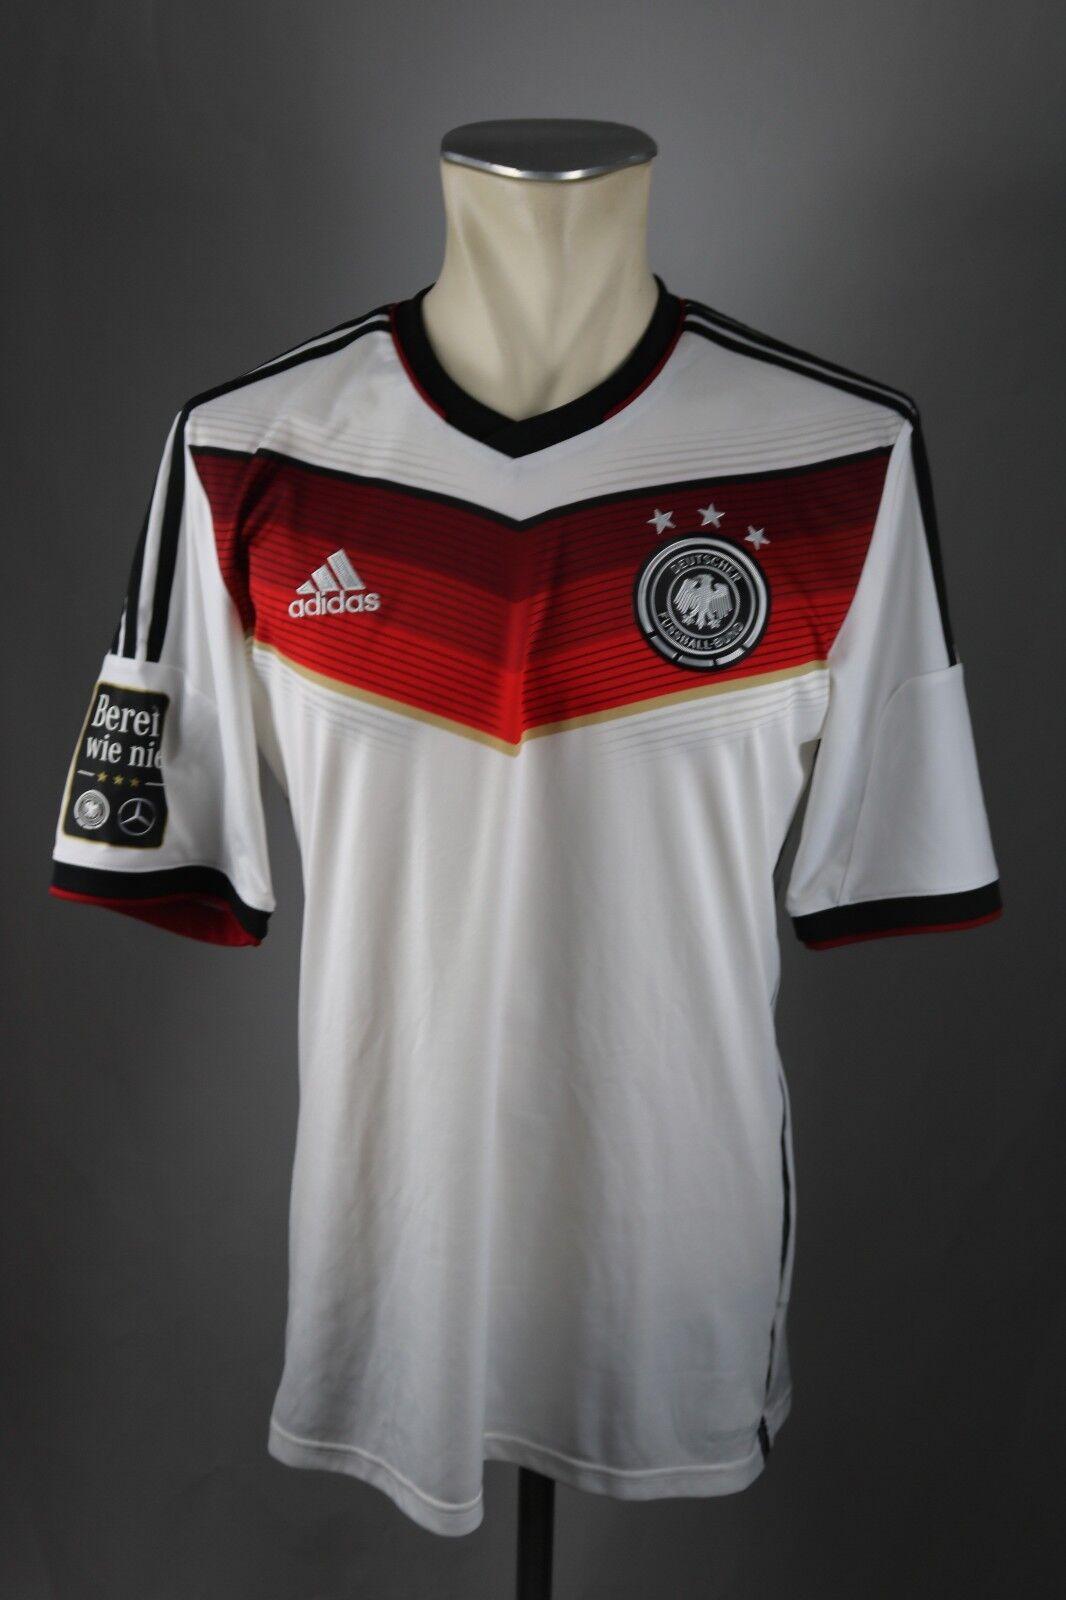 Deutschland Trikot Gr. M Adidas WM 2014 DFB Germany Mercedes Bereit wie nie  | Spielzeugwelt, spielen Sie Ihre eigene Welt